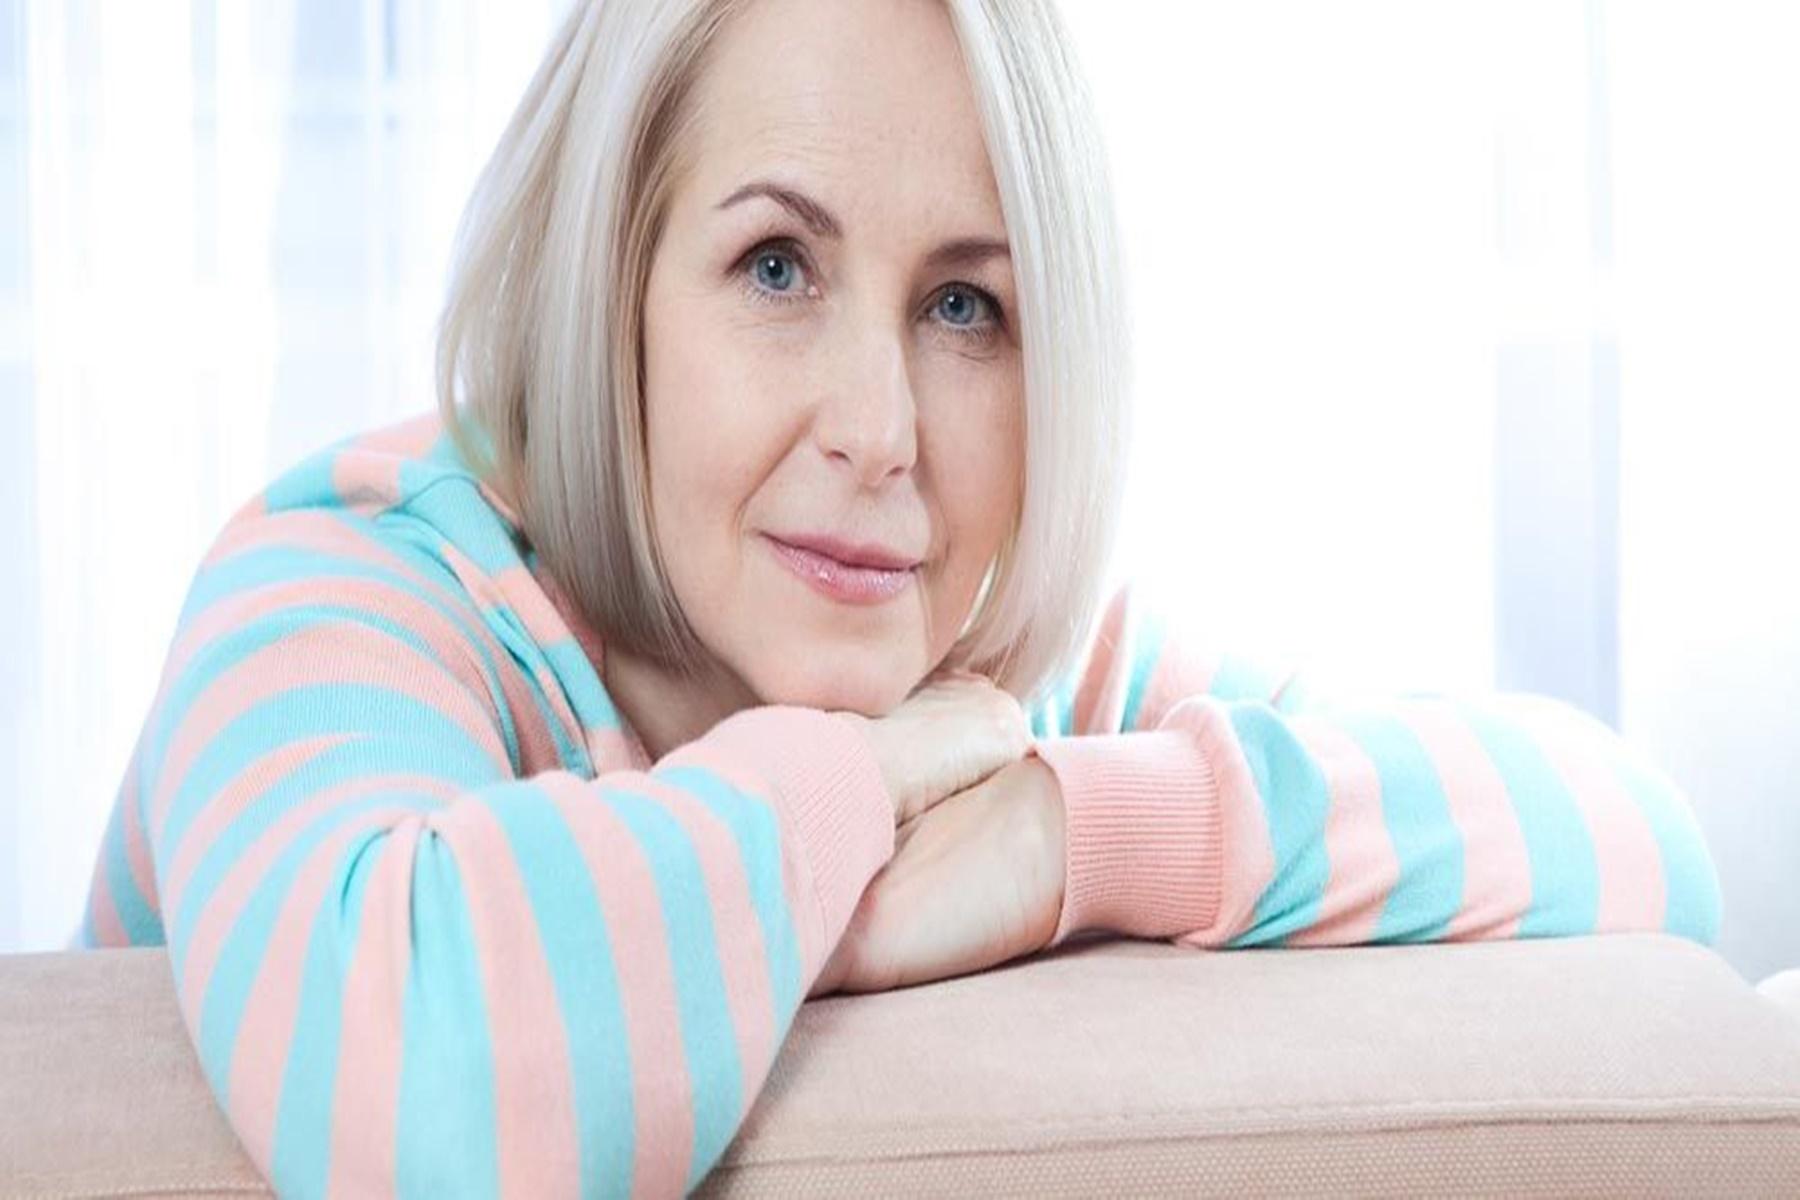 Εμμηνόπαυση : Τρόποι για να έρθετε σε οργασμό